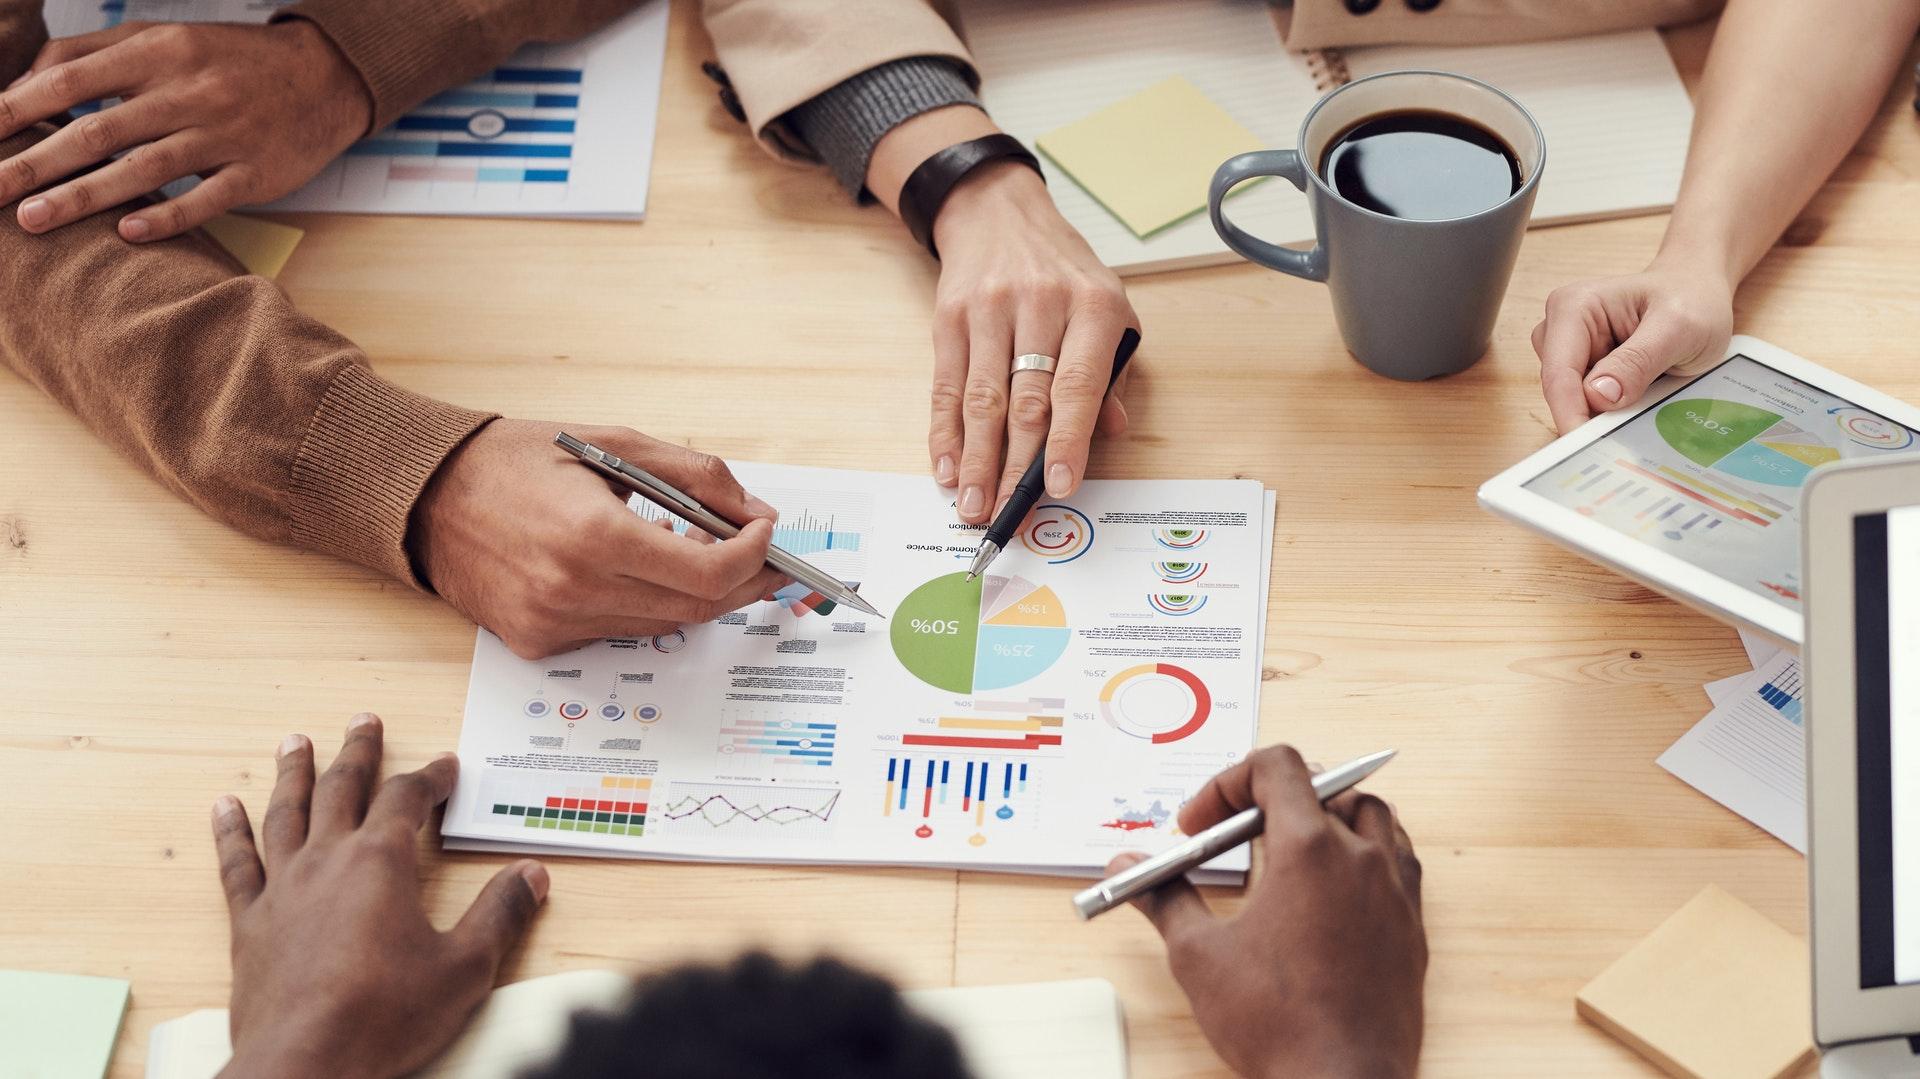 Vemos algumas pessoas em reunião; todos analisam um gráfico que está impresso sobre a mesa; há pessoas com computadores e tablets (imagem ilustrativa). Texto: como começar um pequeno negócio.